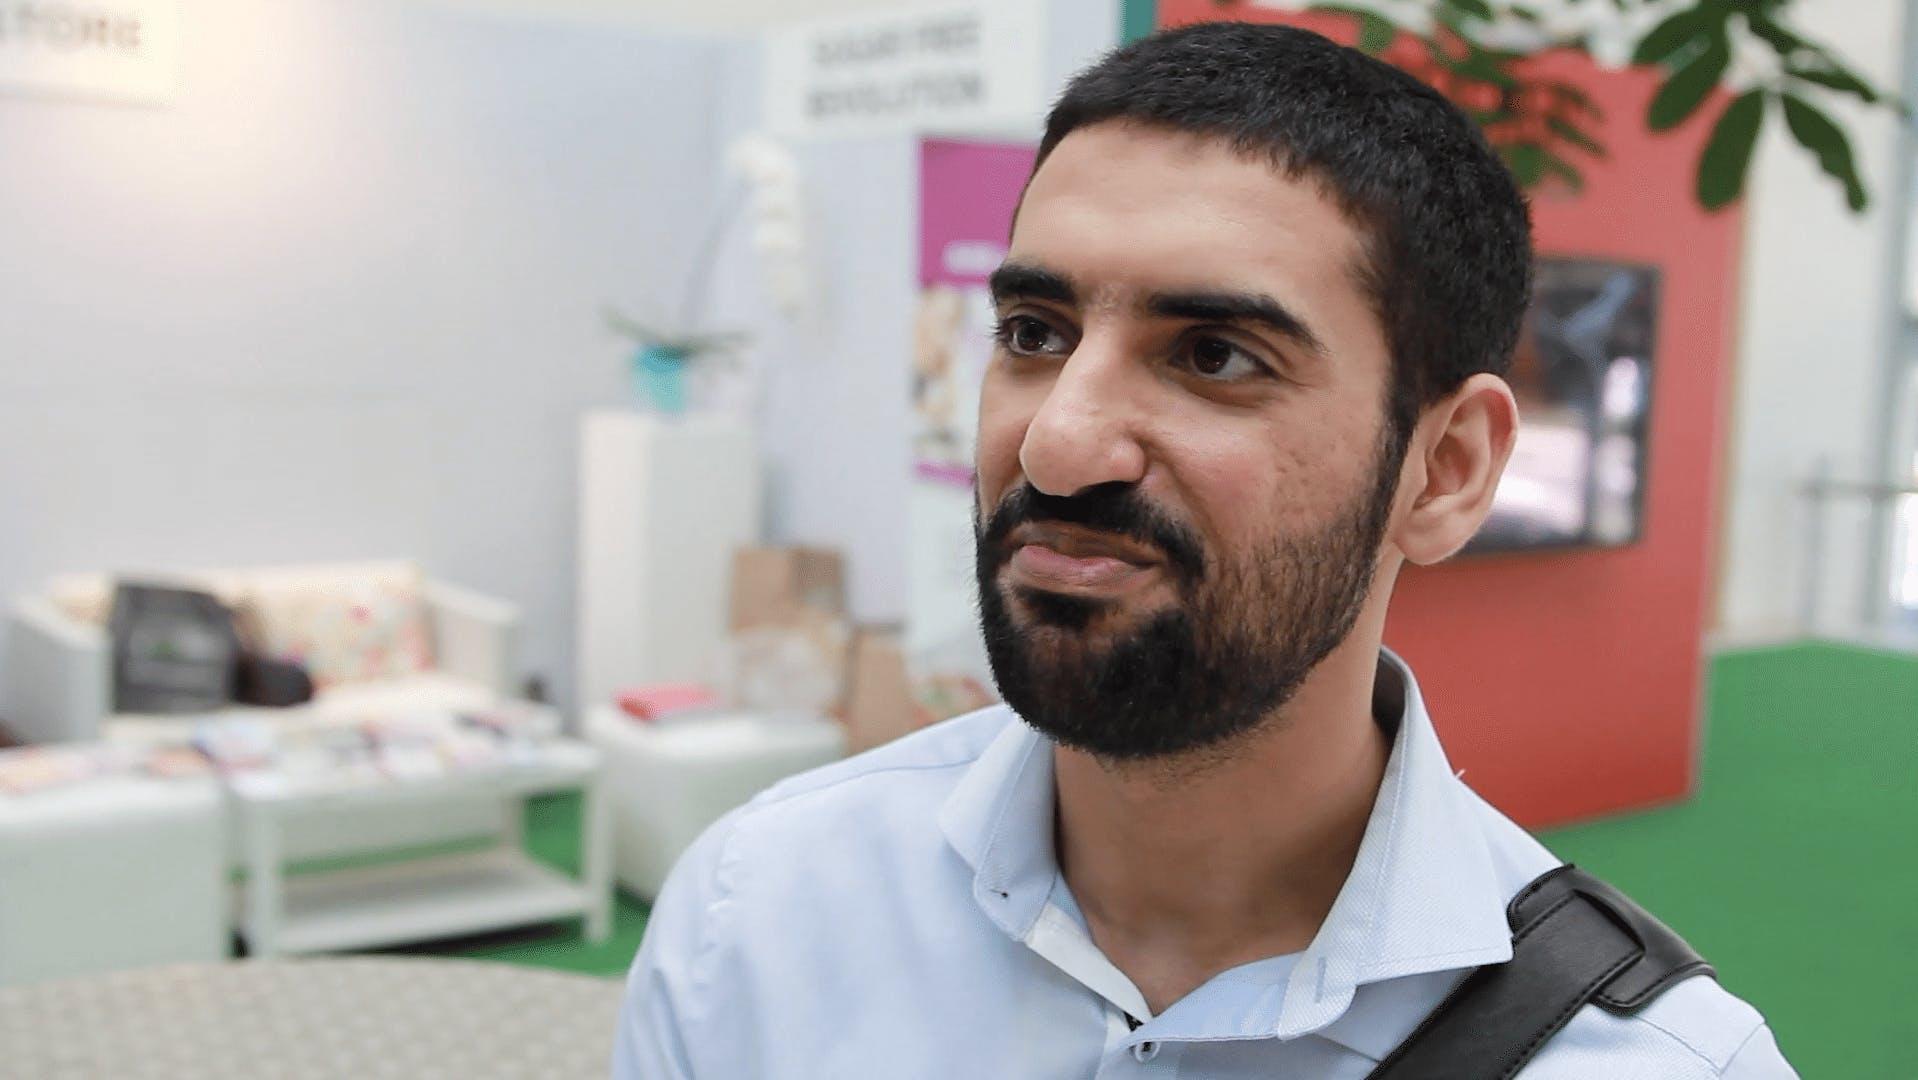 Den enda LCHF-läkaren i Saudiarabien?